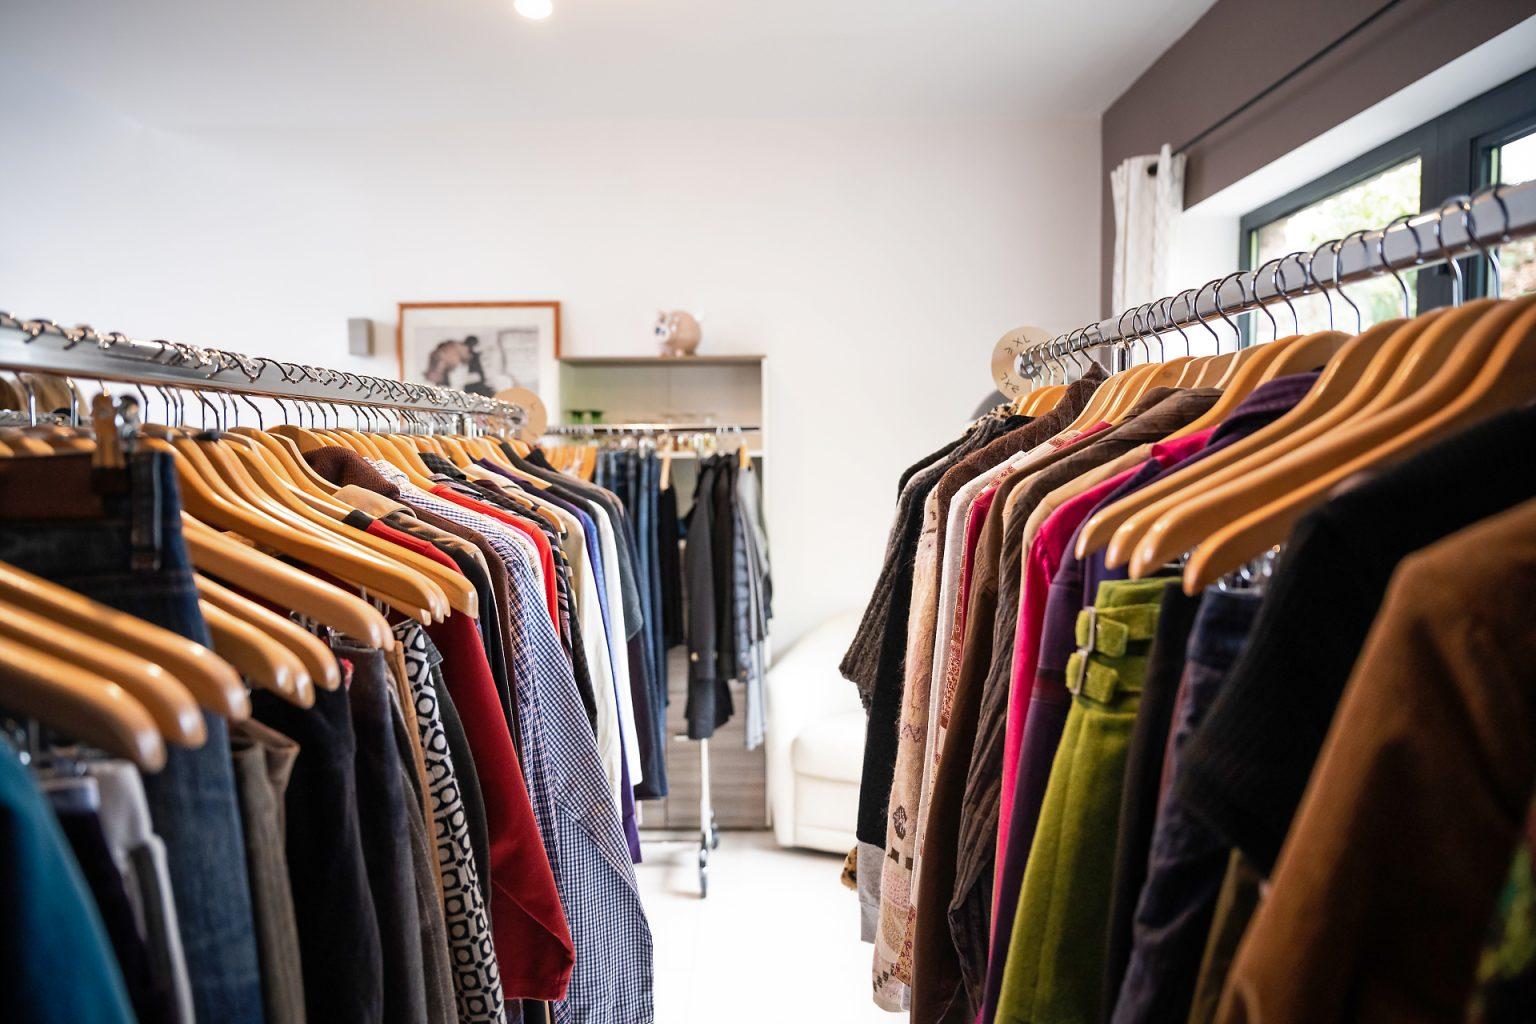 Vues des tringles de vêtements. Reportage : Shar'In, vente de vêtements d'occasion à domicile par Aurore Delsoir photographe d'entreprise